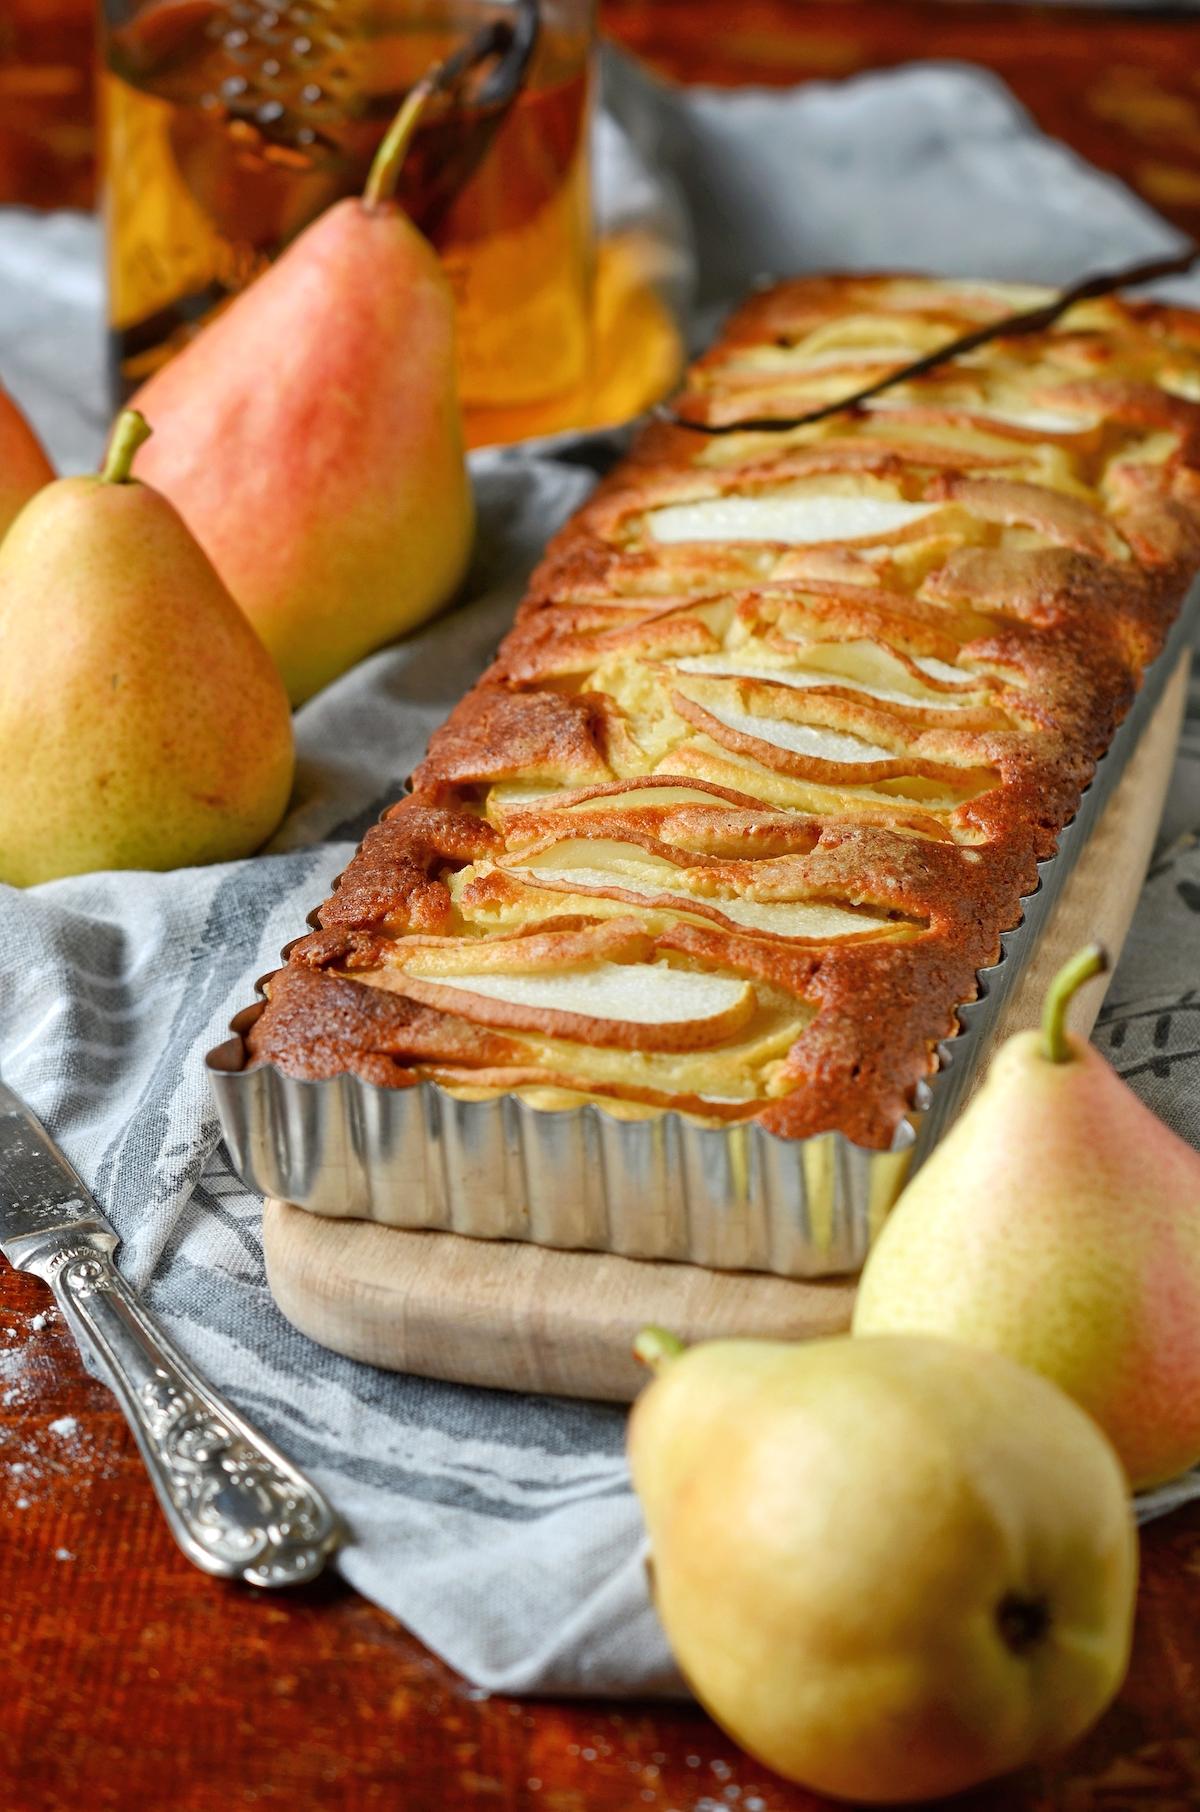 recette facile gouter moelleux aux poires automne - blog maison clem around the corner